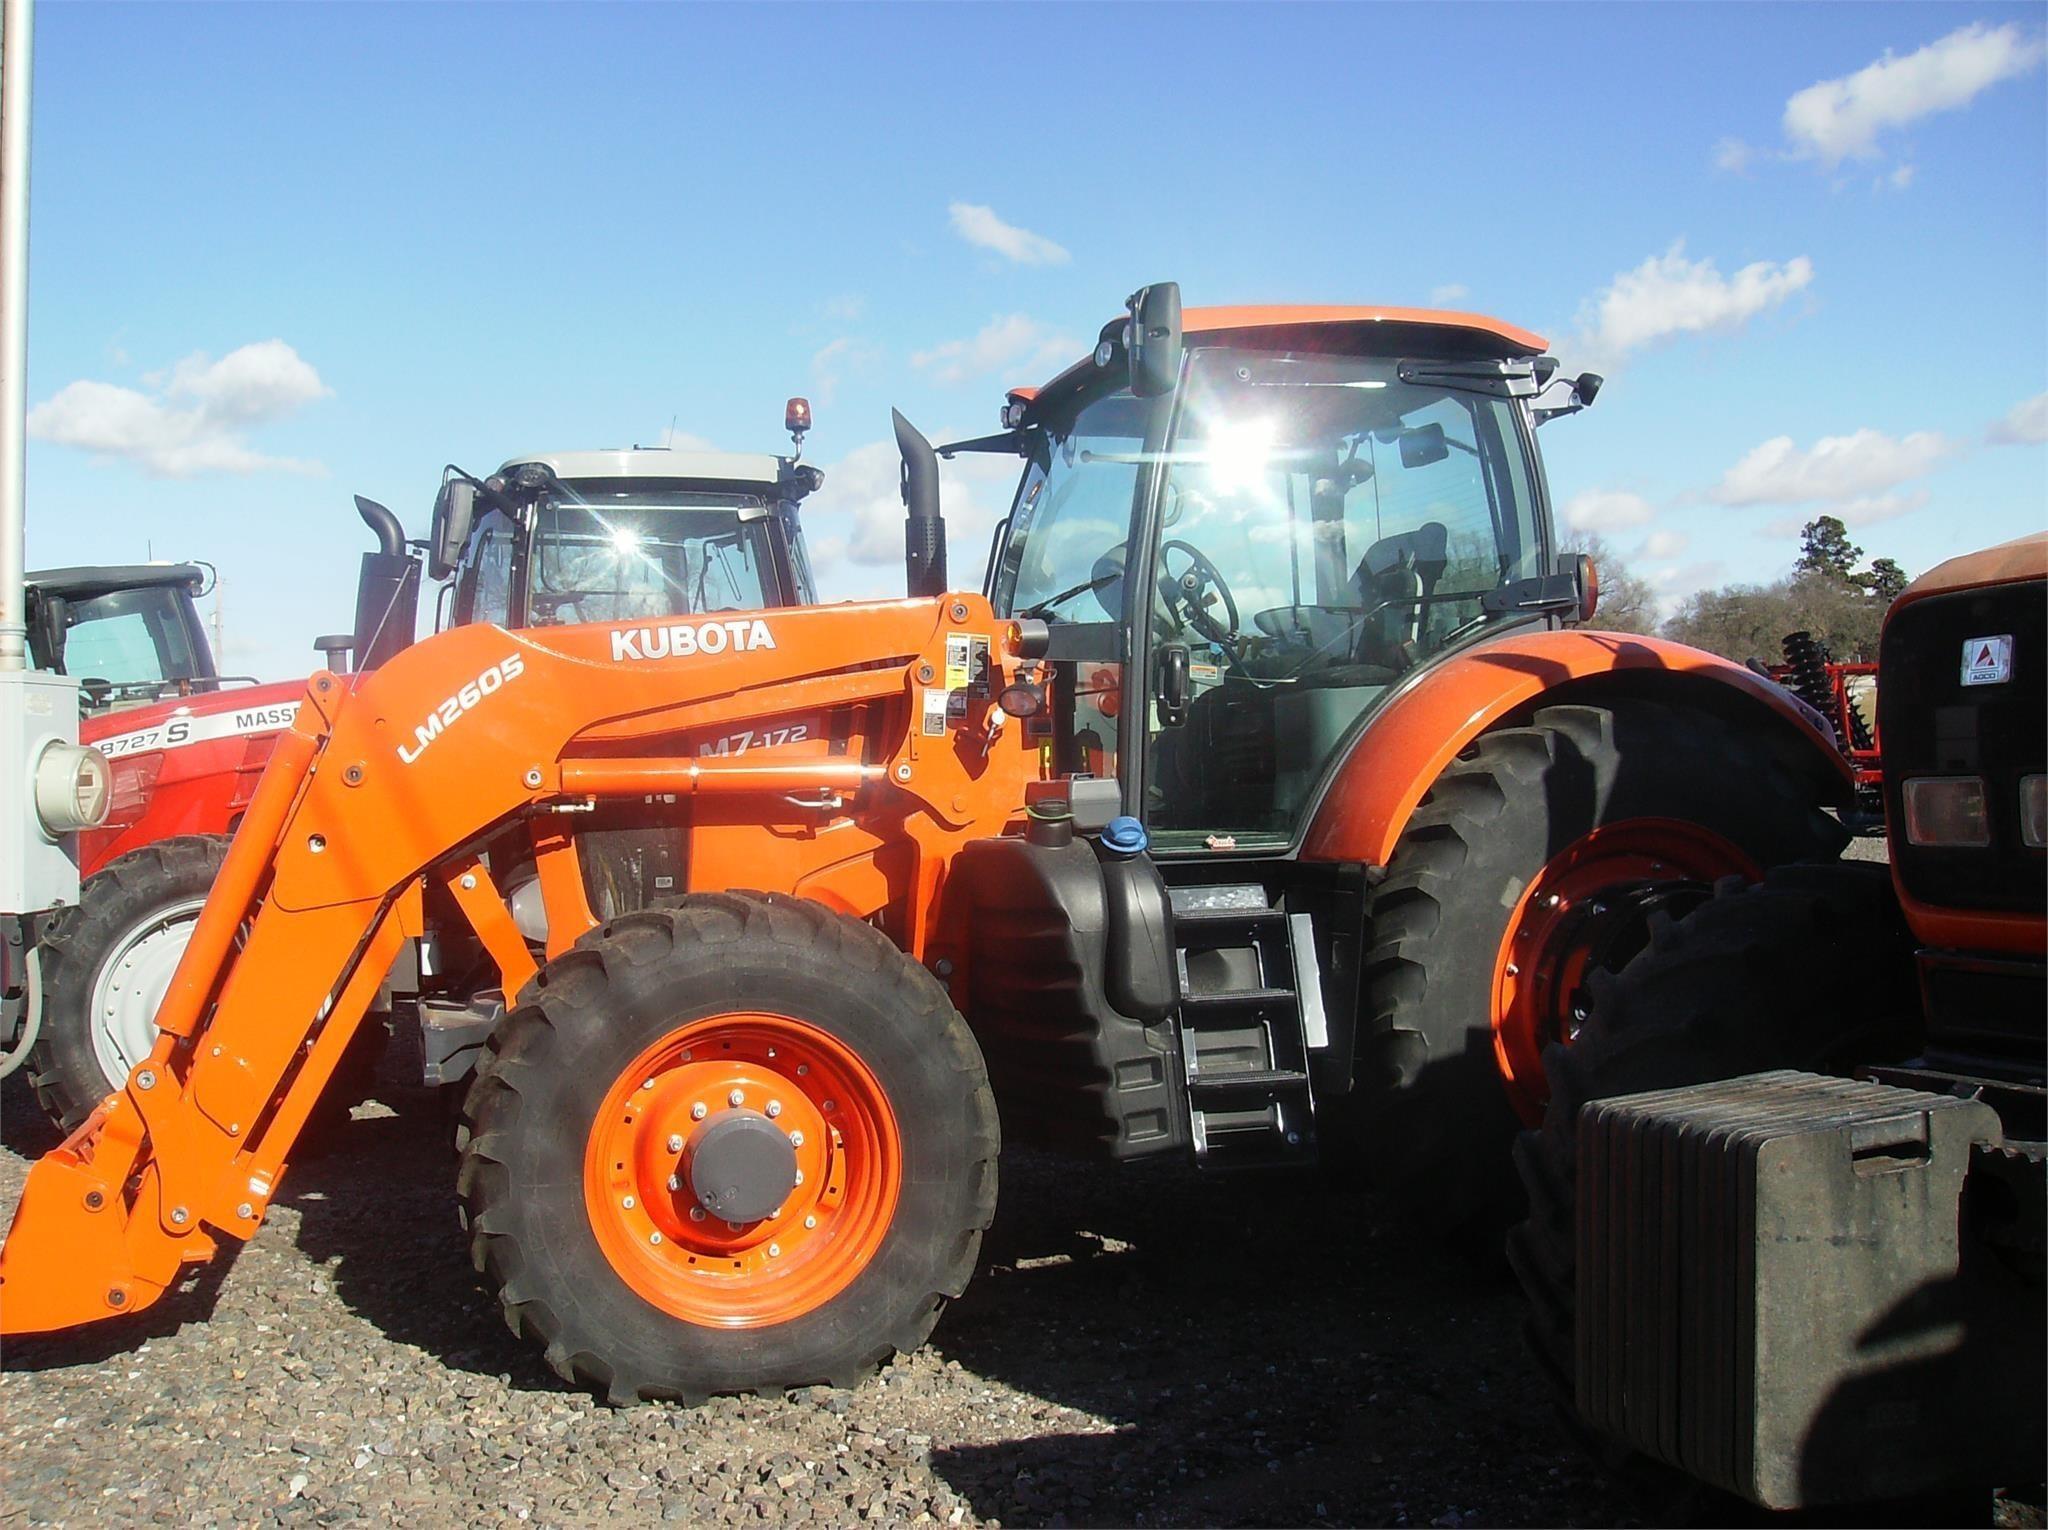 2019 Kubota M7-172 Tractor